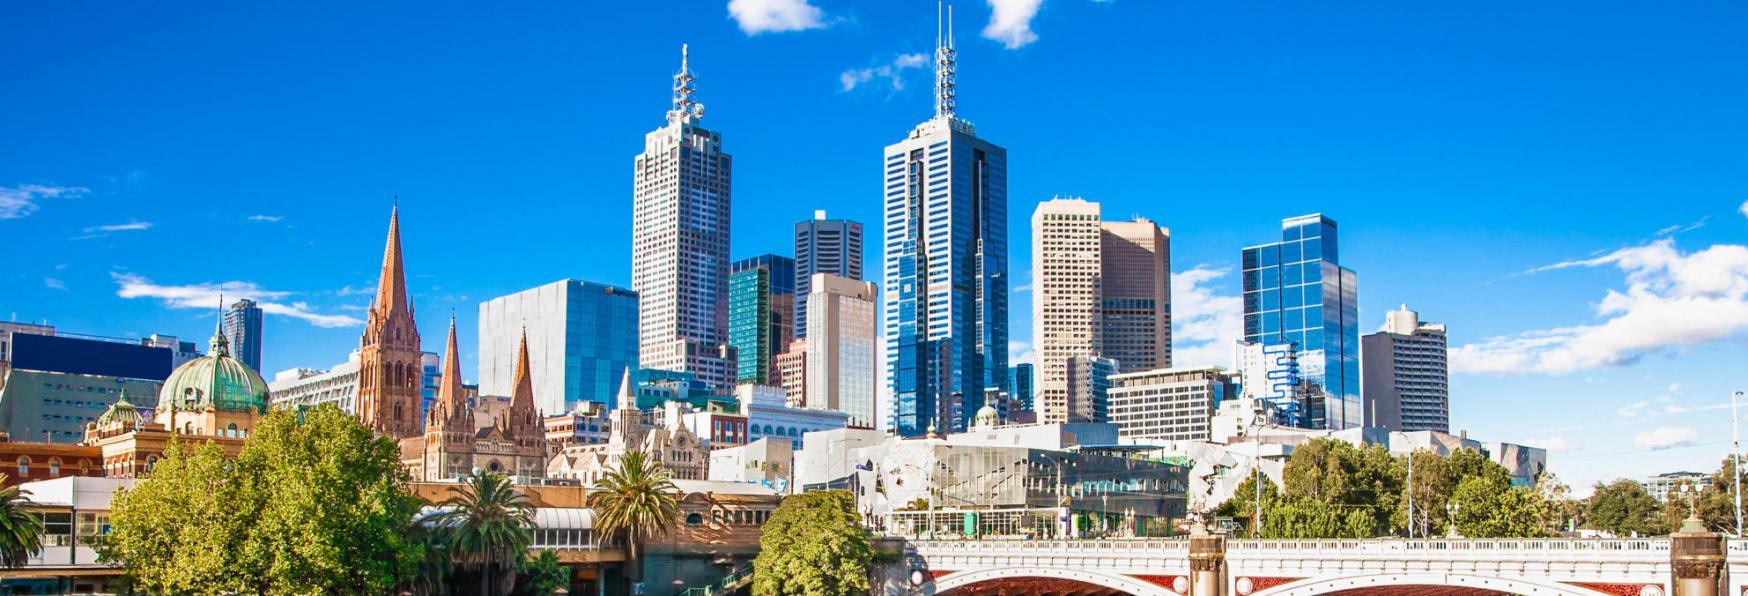 La Brea: le Riprese della nuova Serie TV di NBC saranno effettuate in Australia